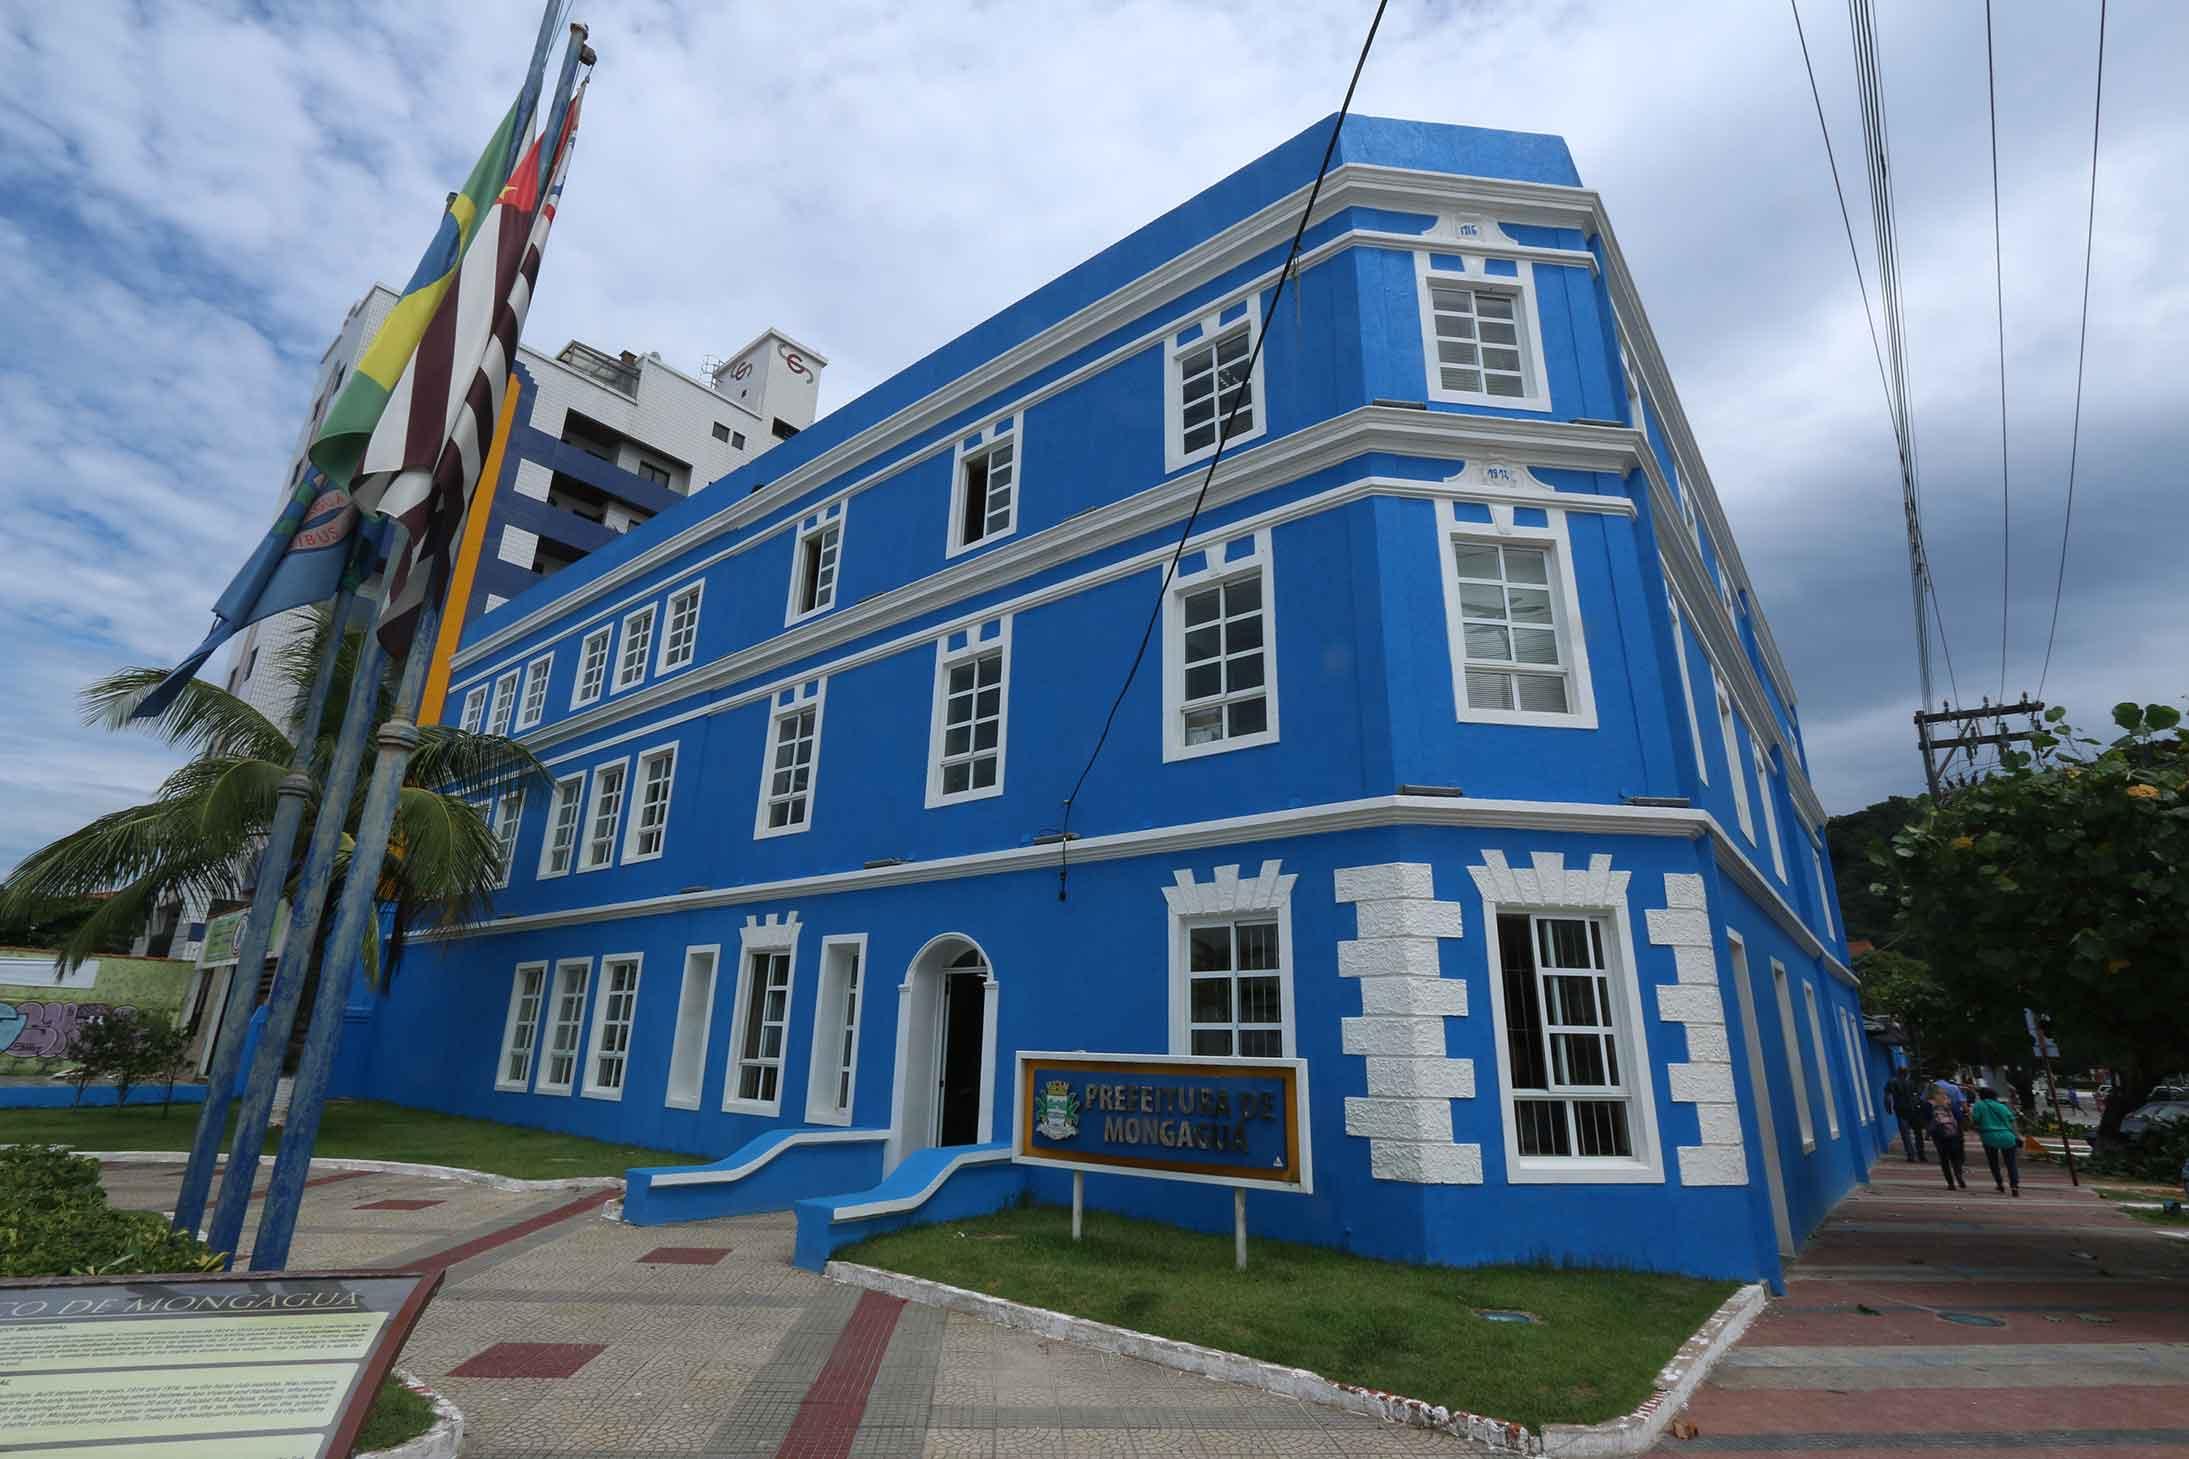 Mongagua-arquitetura-prefeitura-IMG_6678-bx